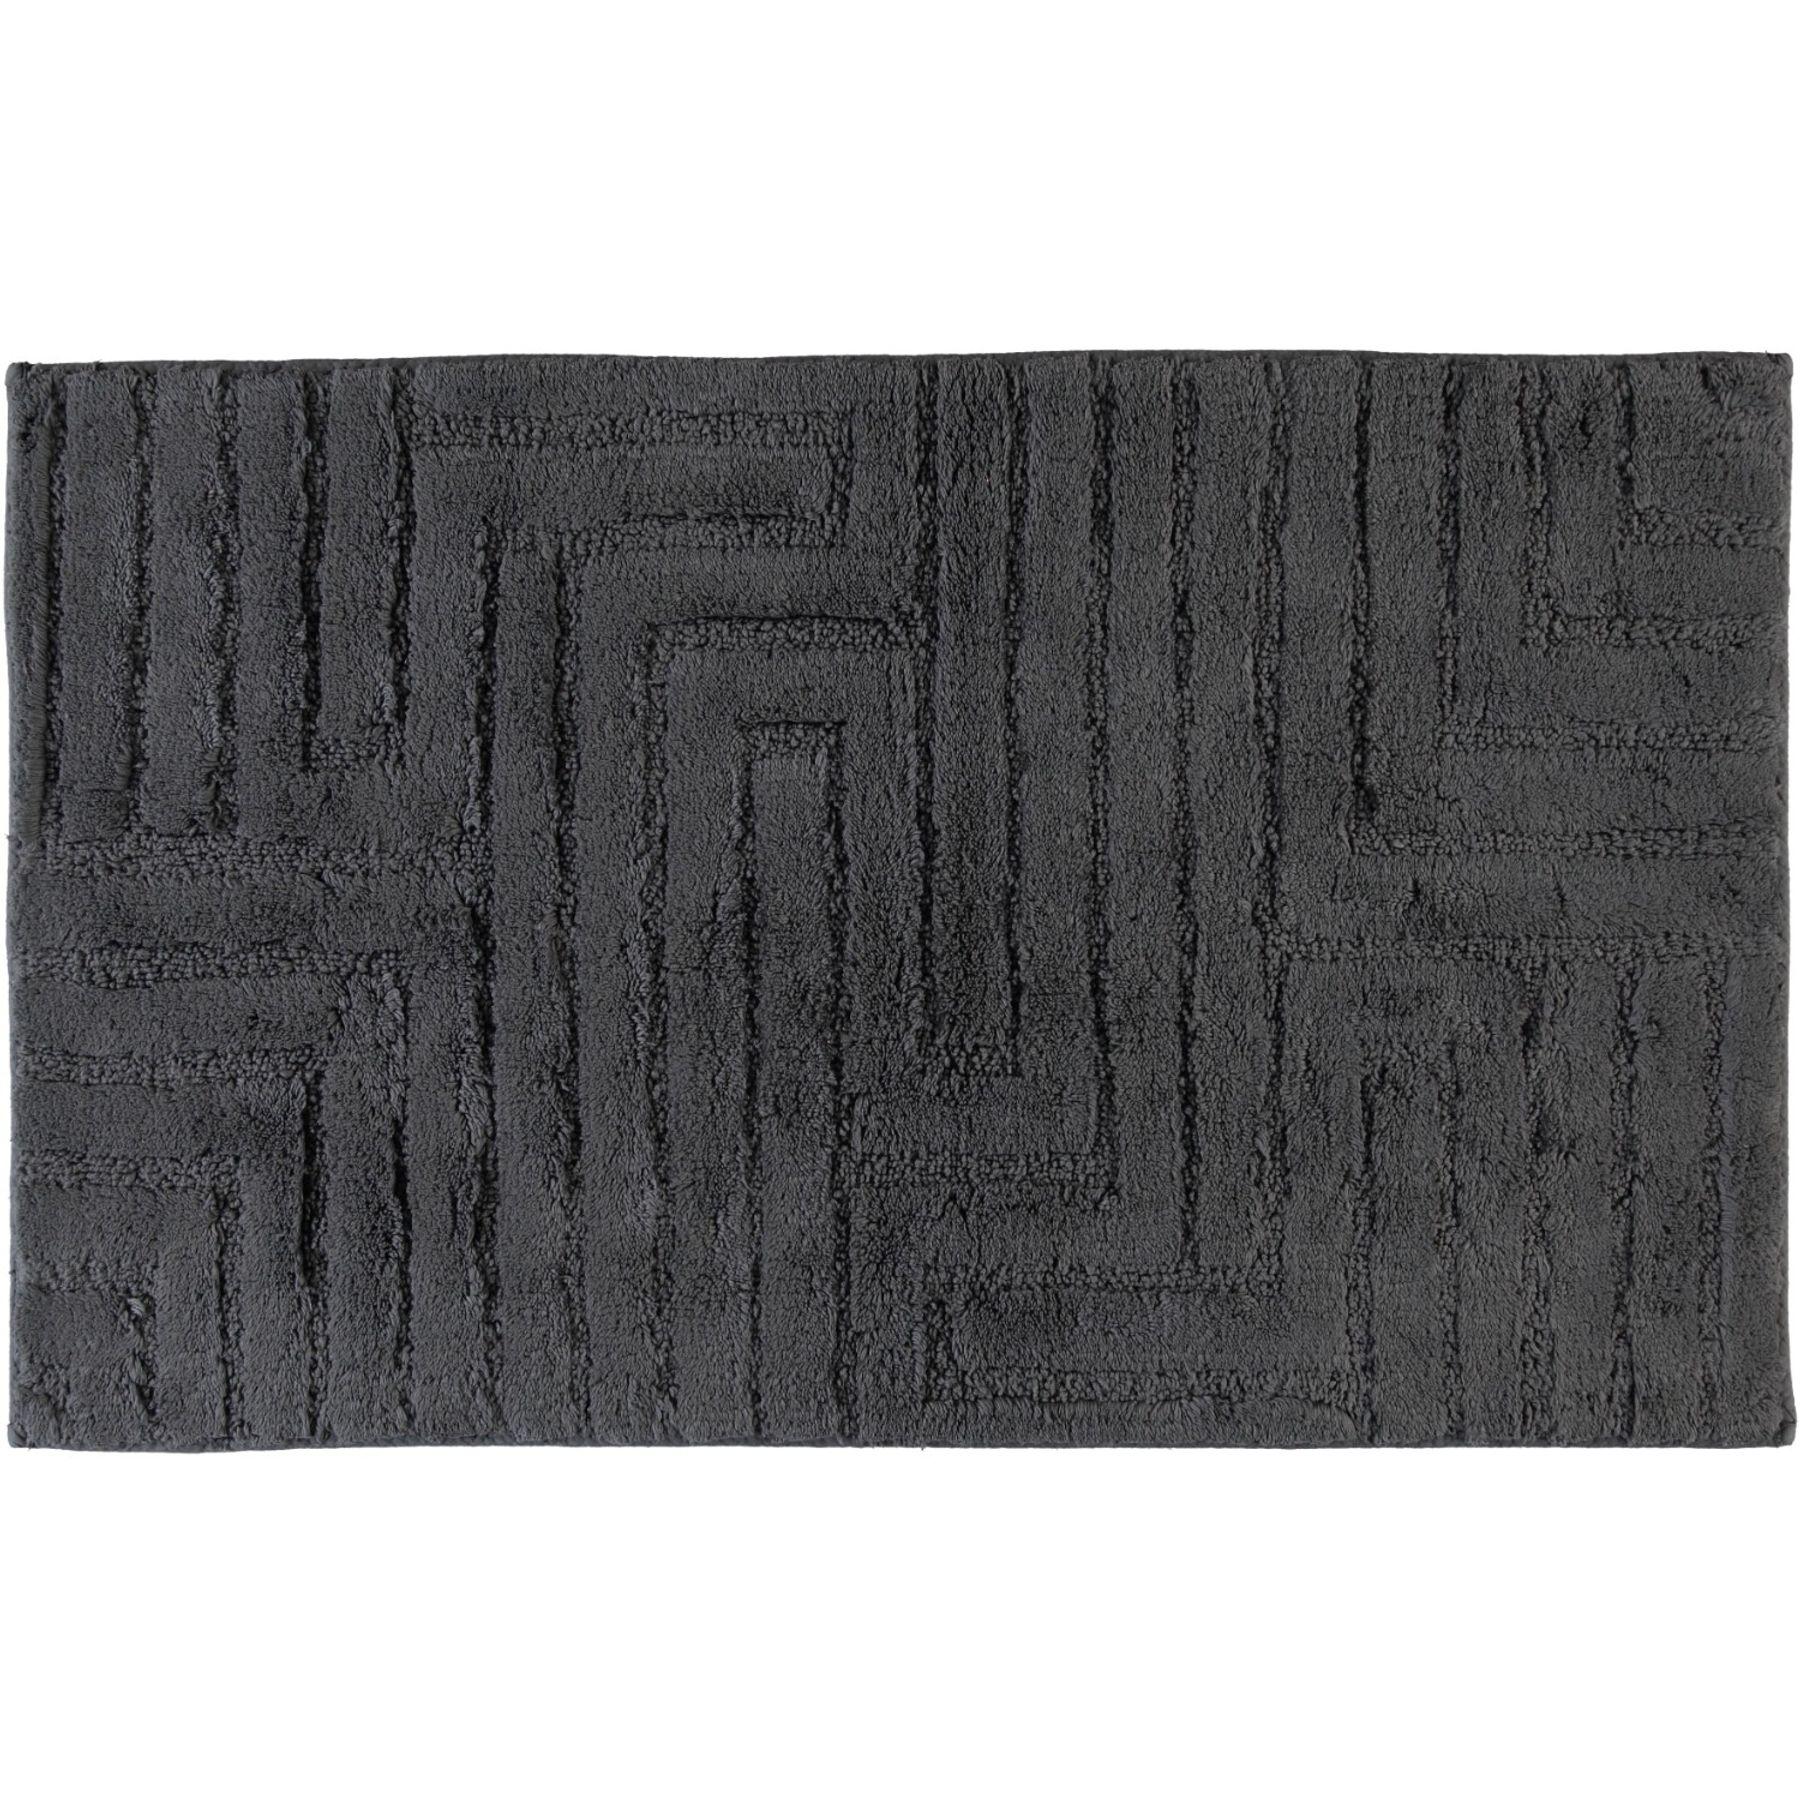 Cawö - Unifarbener Badteppich mit Struktur  in verschiedenen Farben und Größen (1004) – Bild 1